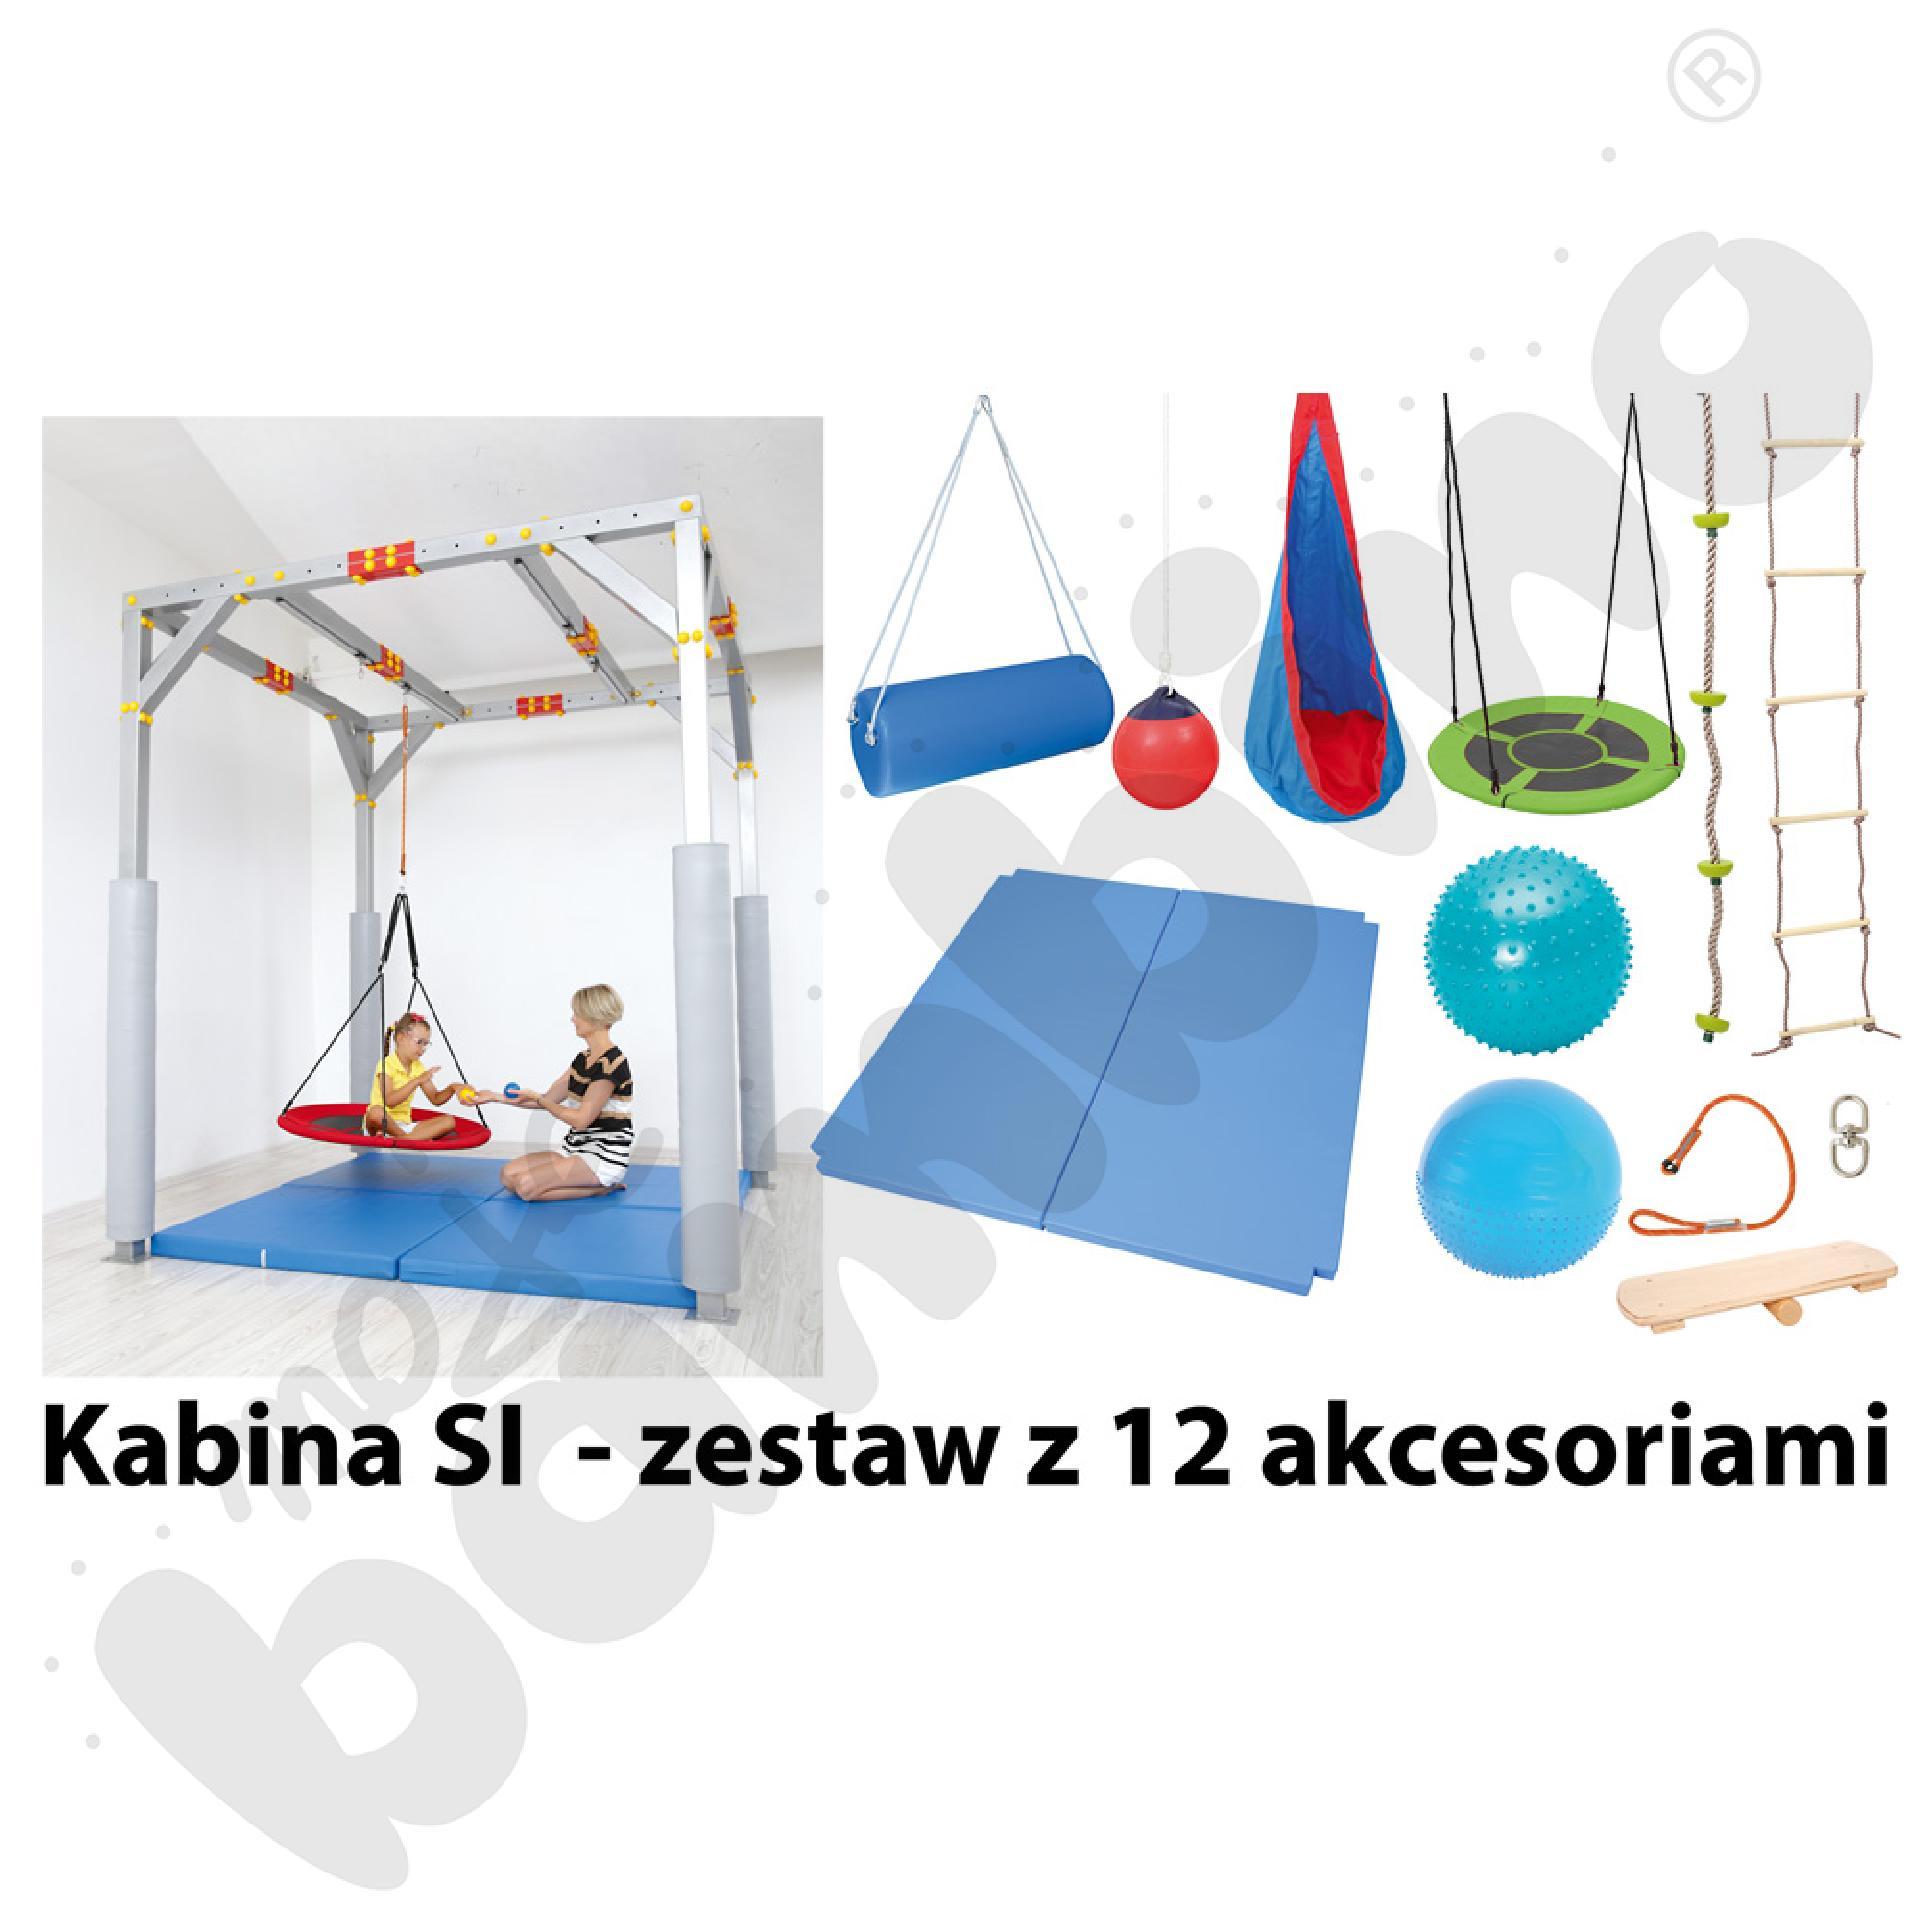 Kabina SI - zestaw rozszerzony